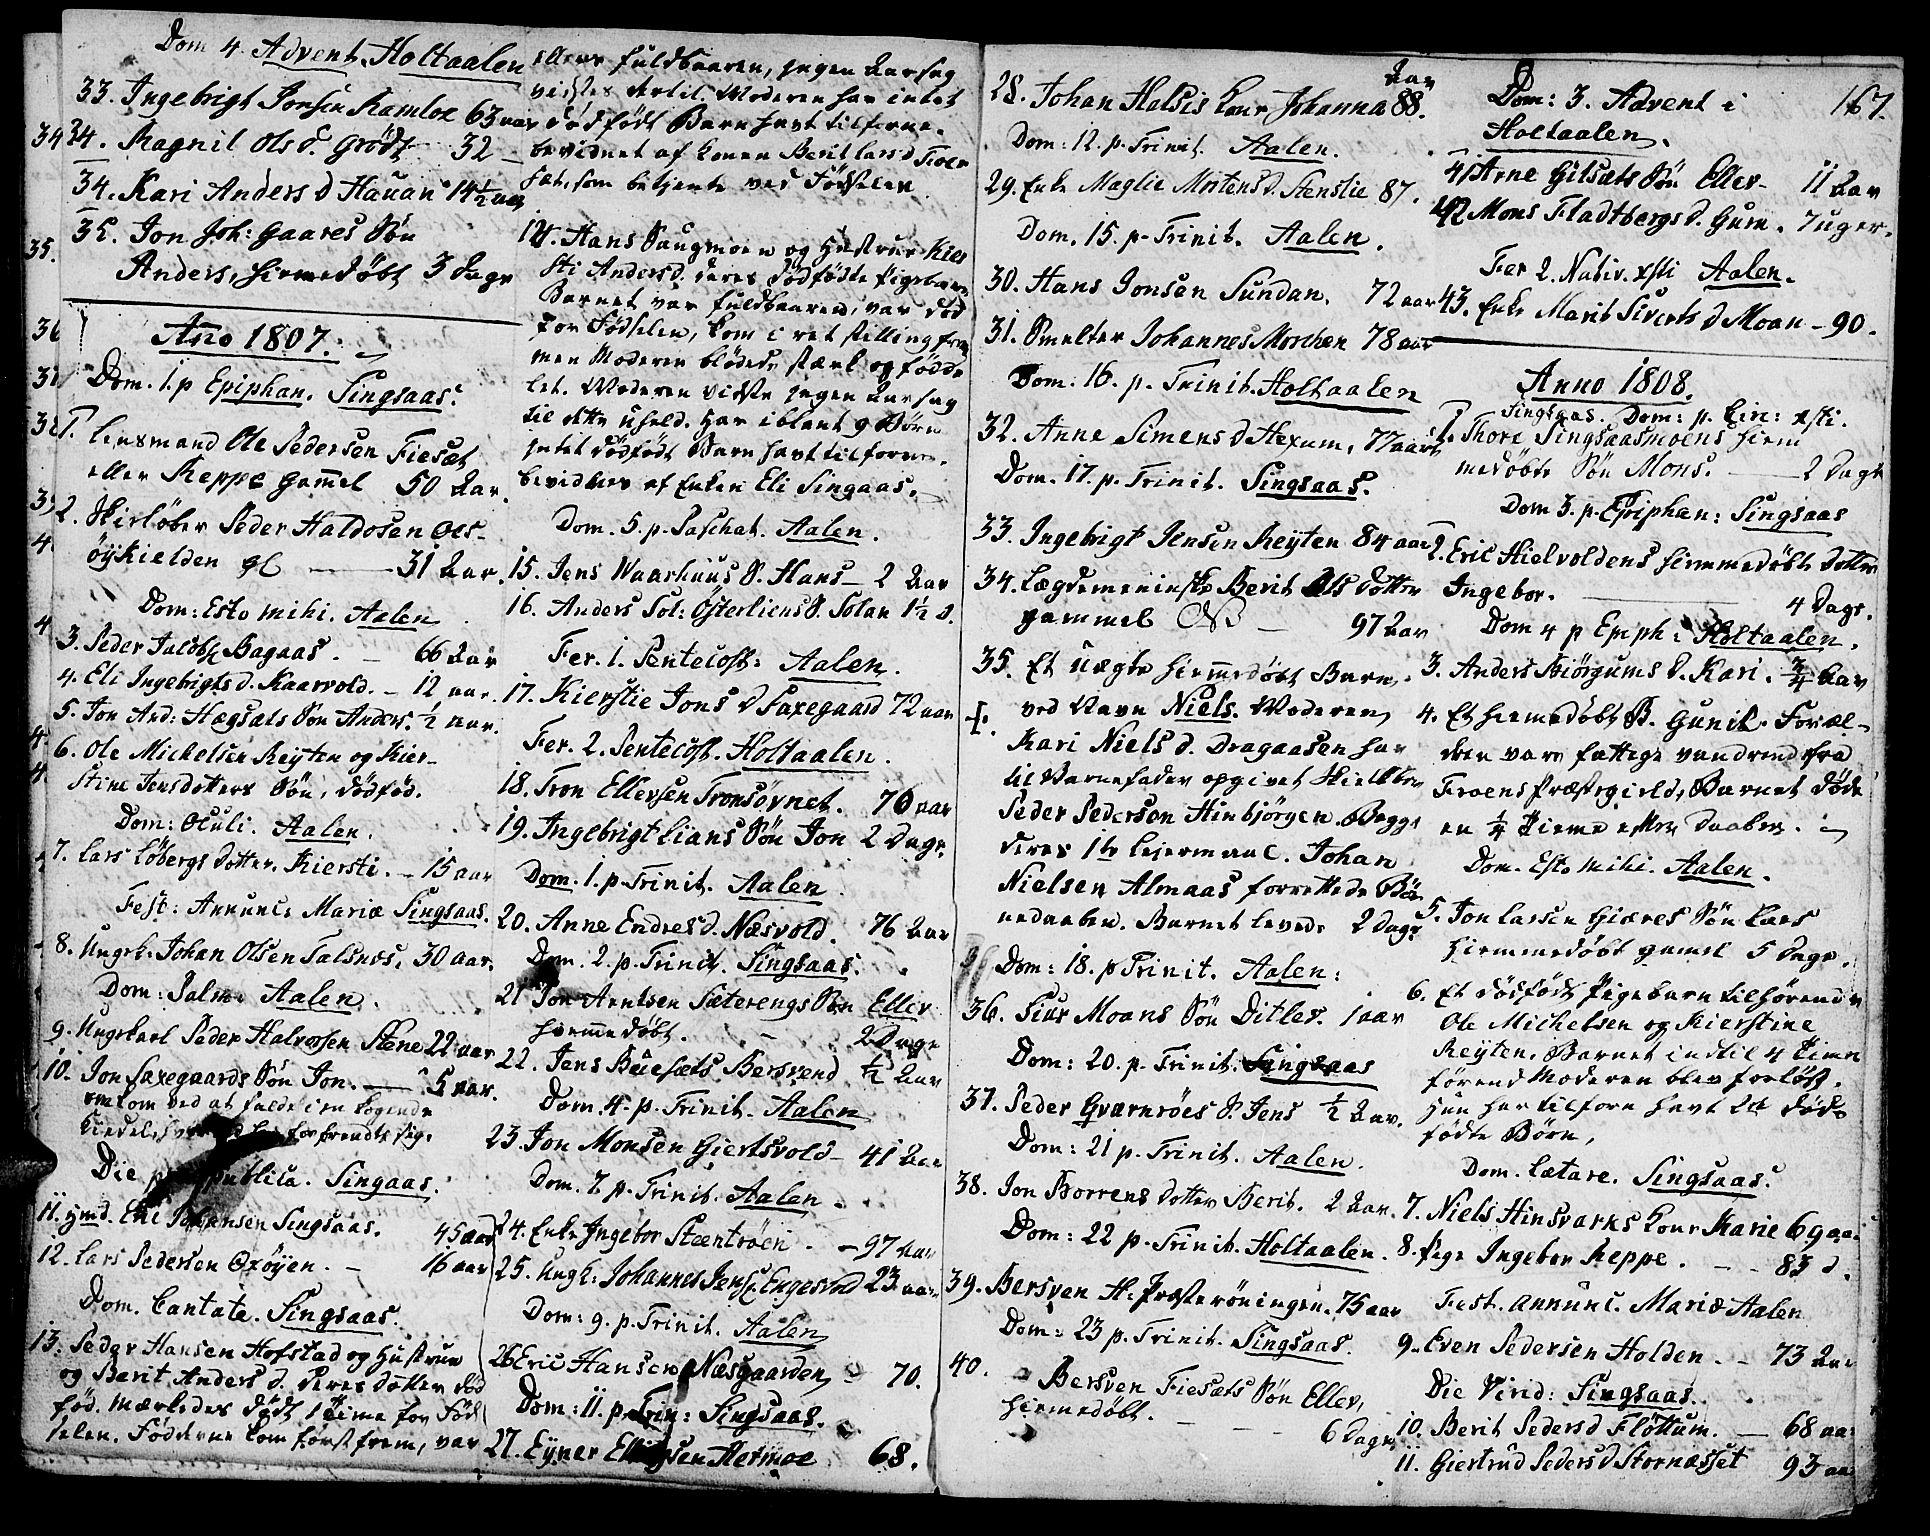 SAT, Ministerialprotokoller, klokkerbøker og fødselsregistre - Sør-Trøndelag, 685/L0953: Ministerialbok nr. 685A02, 1805-1816, s. 167